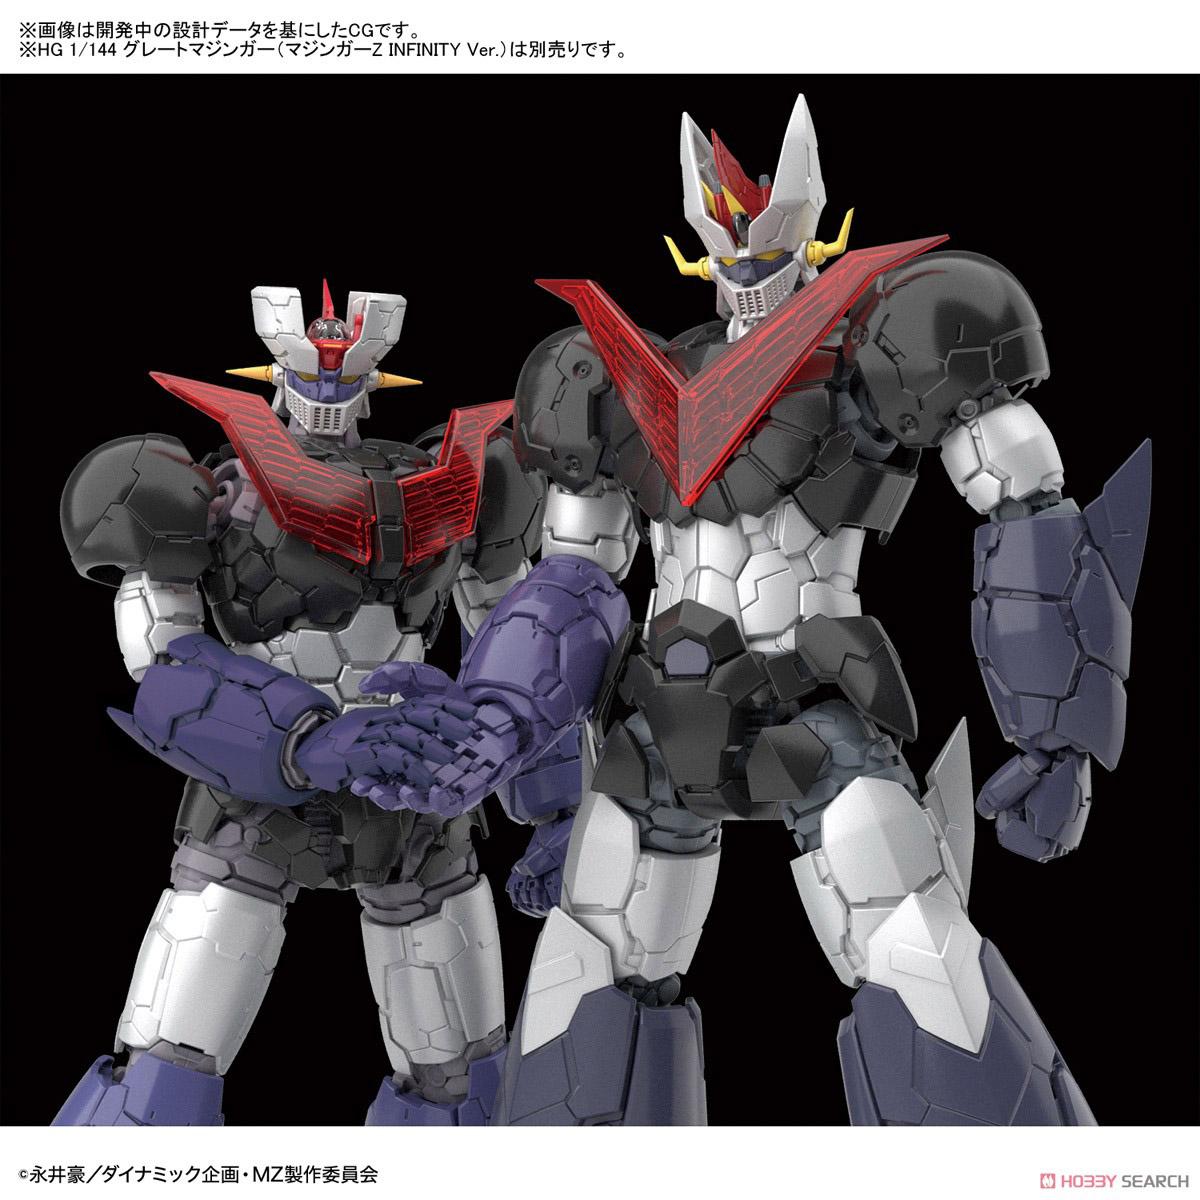 【再販】HG 1/144『マジンガーZ(マジンガーZ INFINITY Ver.)』プラモデル-007